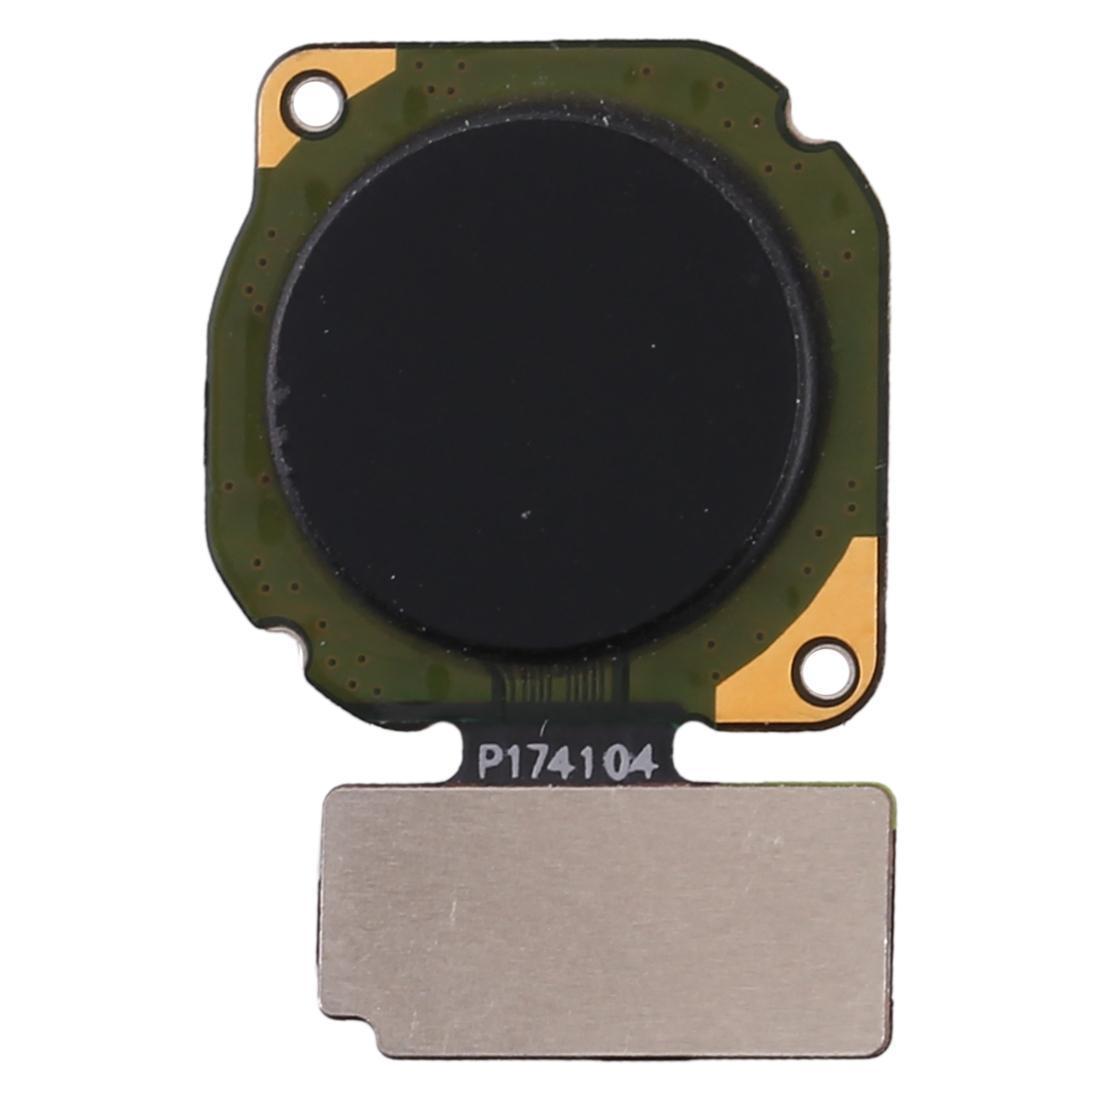 Huawei P20 Lite / Nova 3e için Parmak İzi Sensörü Flex Kablo